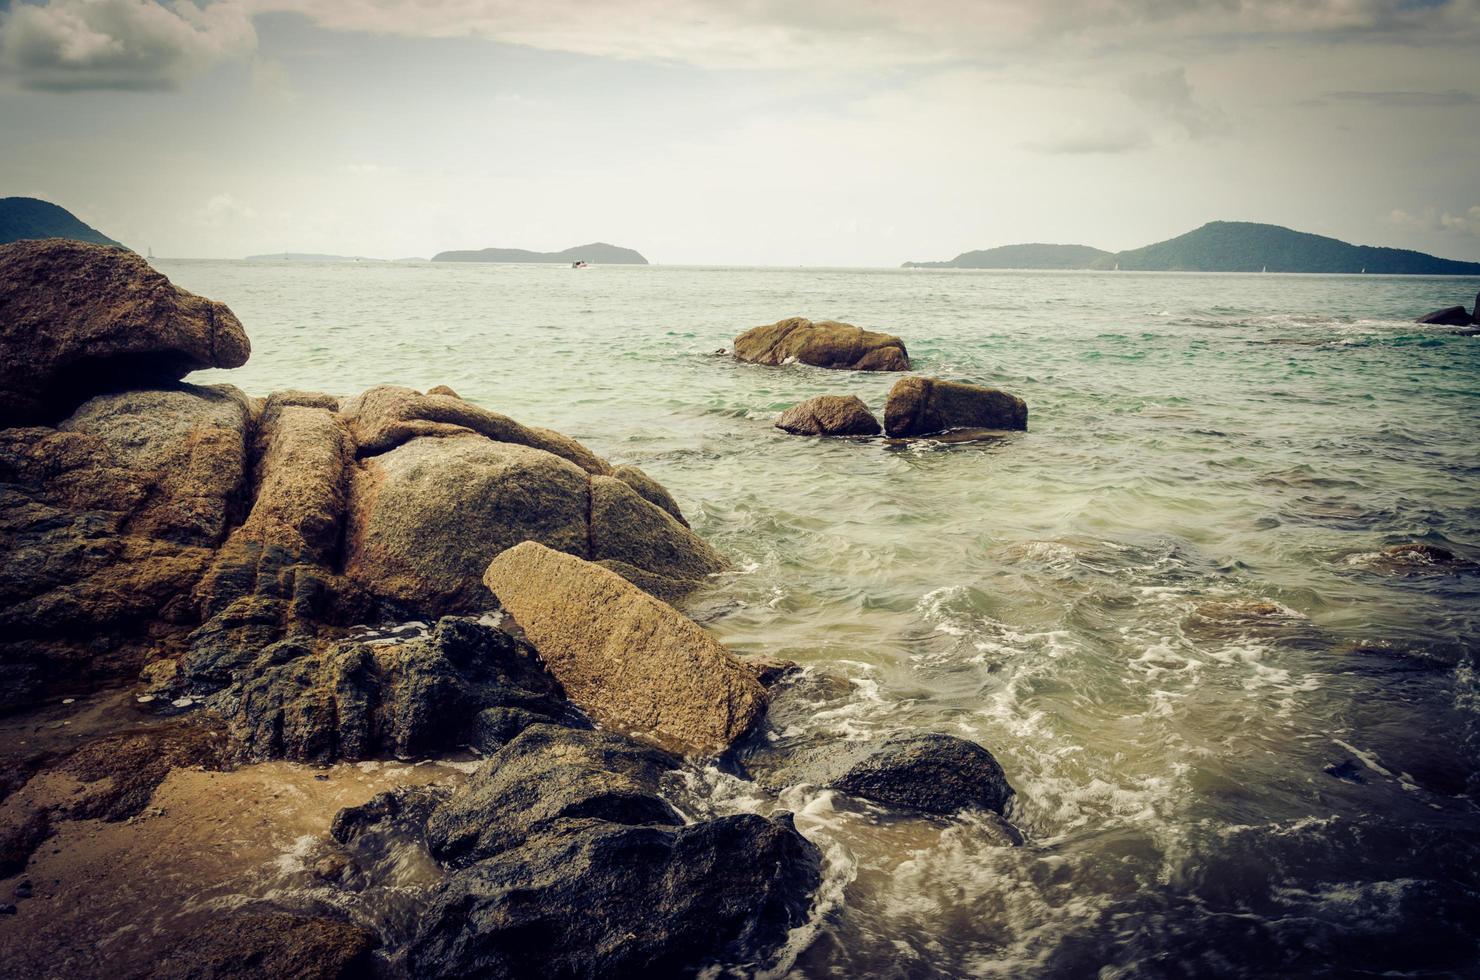 rocce nel mare a phuket, thailandia foto